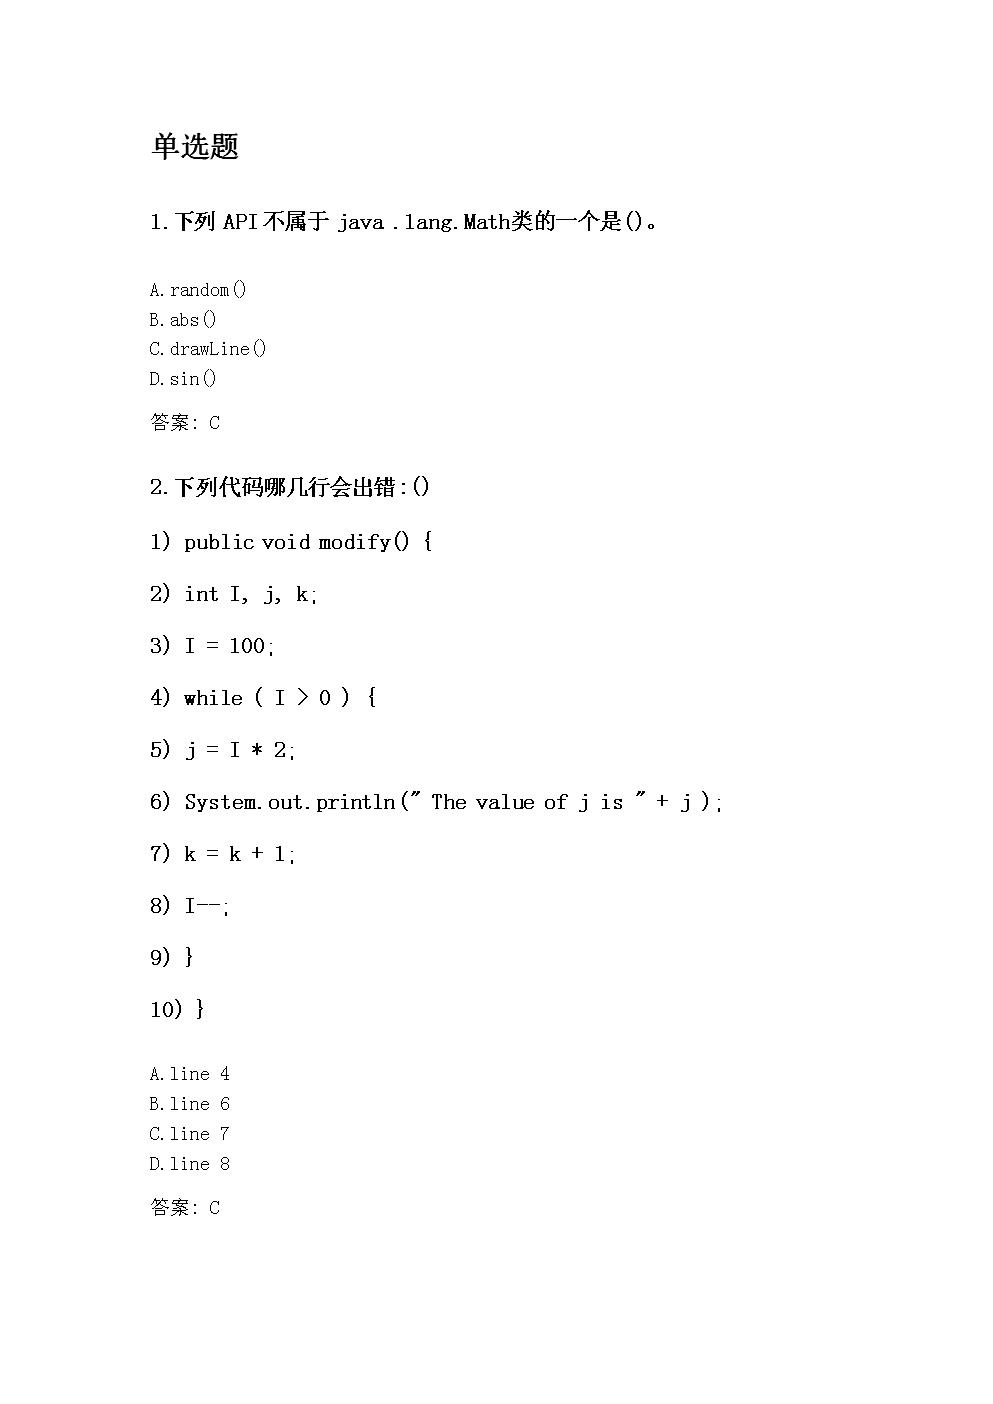 奥鹏东北师范大学2020年9月《Java程序设计》考前练兵.doc